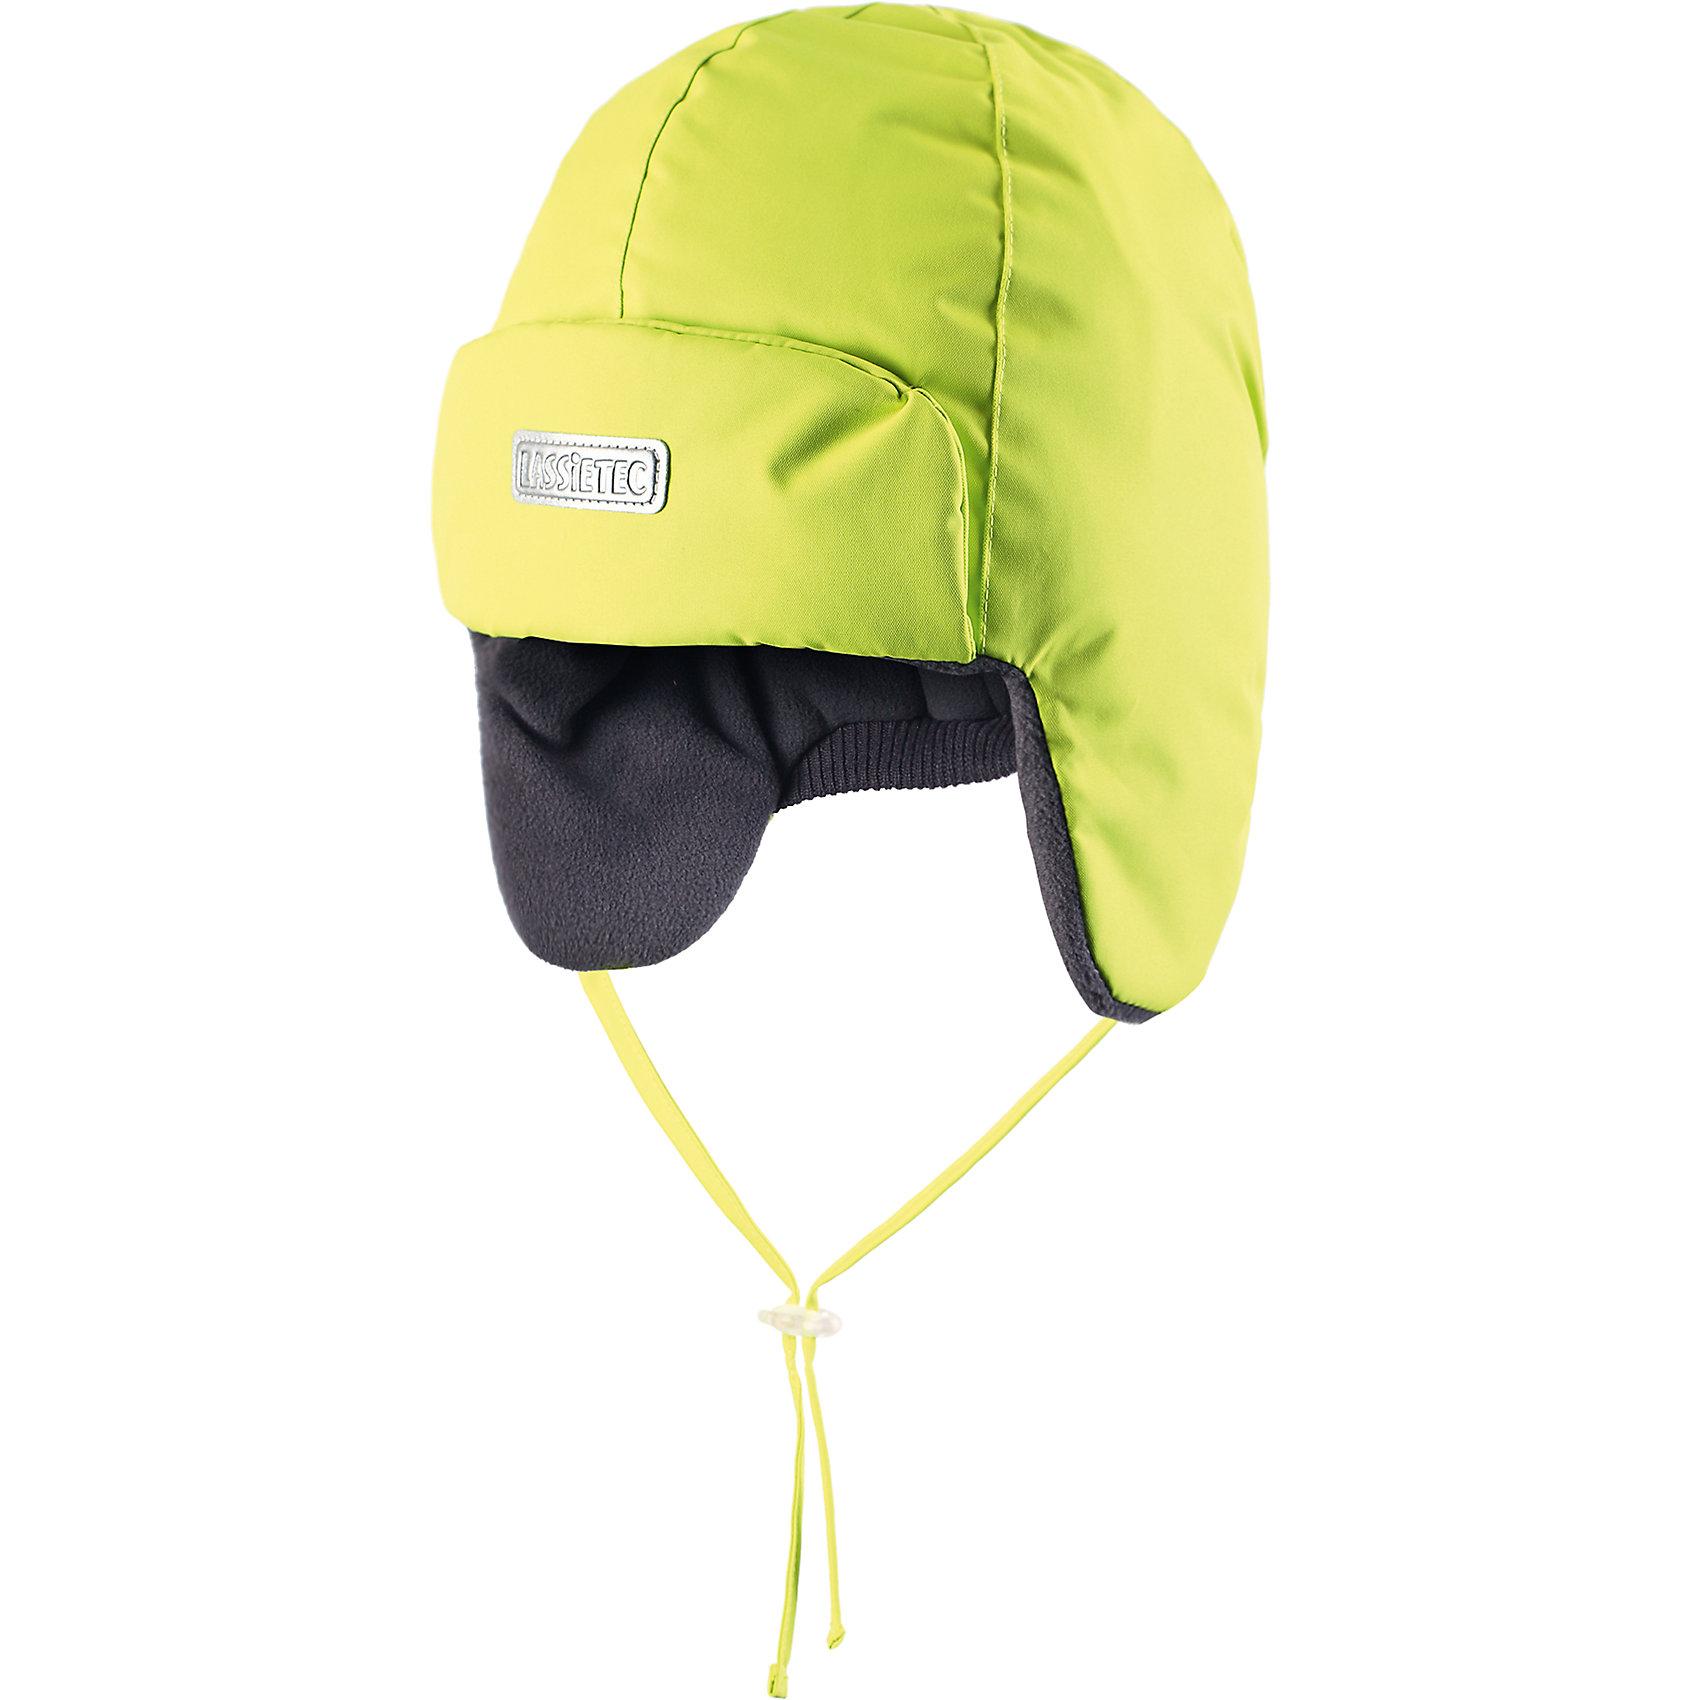 Шапка LASSIE by ReimaШапки и шарфы<br>Зимняя шапка для детей и малышей известной финской марки.<br><br>- Водонепроницаемая вставка. Водо- и ветронепроницаемый «дышащий» материал. <br>-  Мягкая теплая подкладка из флиса. <br>- Средняя степень утепления. <br>- Светоотражающая эмблема Lassie® спереди. <br><br>Рекомендации по уходу: Полоскать без специального средства. Сушить при низкой температуре. <br><br>Состав: 100% Полиамид, полиуретановое покрытие.  Утеплитель «Lassie wadding» 120гр.<br><br>Ширина мм: 89<br>Глубина мм: 117<br>Высота мм: 44<br>Вес г: 155<br>Цвет: зеленый<br>Возраст от месяцев: 6<br>Возраст до месяцев: 9<br>Пол: Мужской<br>Возраст: Детский<br>Размер: 46,54,48,50,52<br>SKU: 4781453